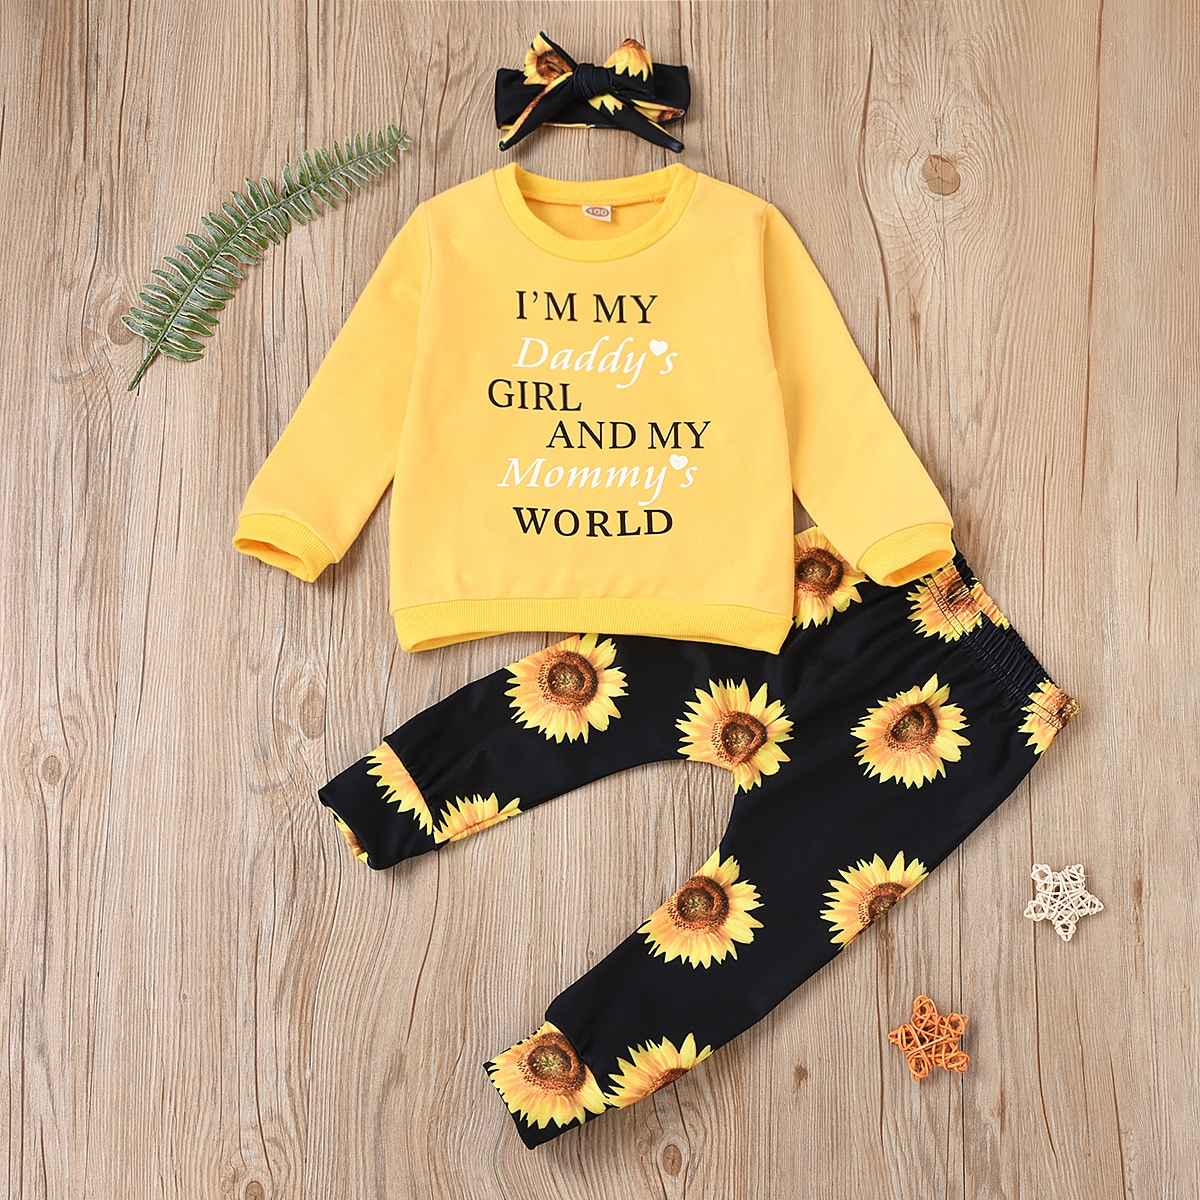 Свитшот с текстовым принтом, брюки и повязка на голову с принтом подсолнуха для девочек